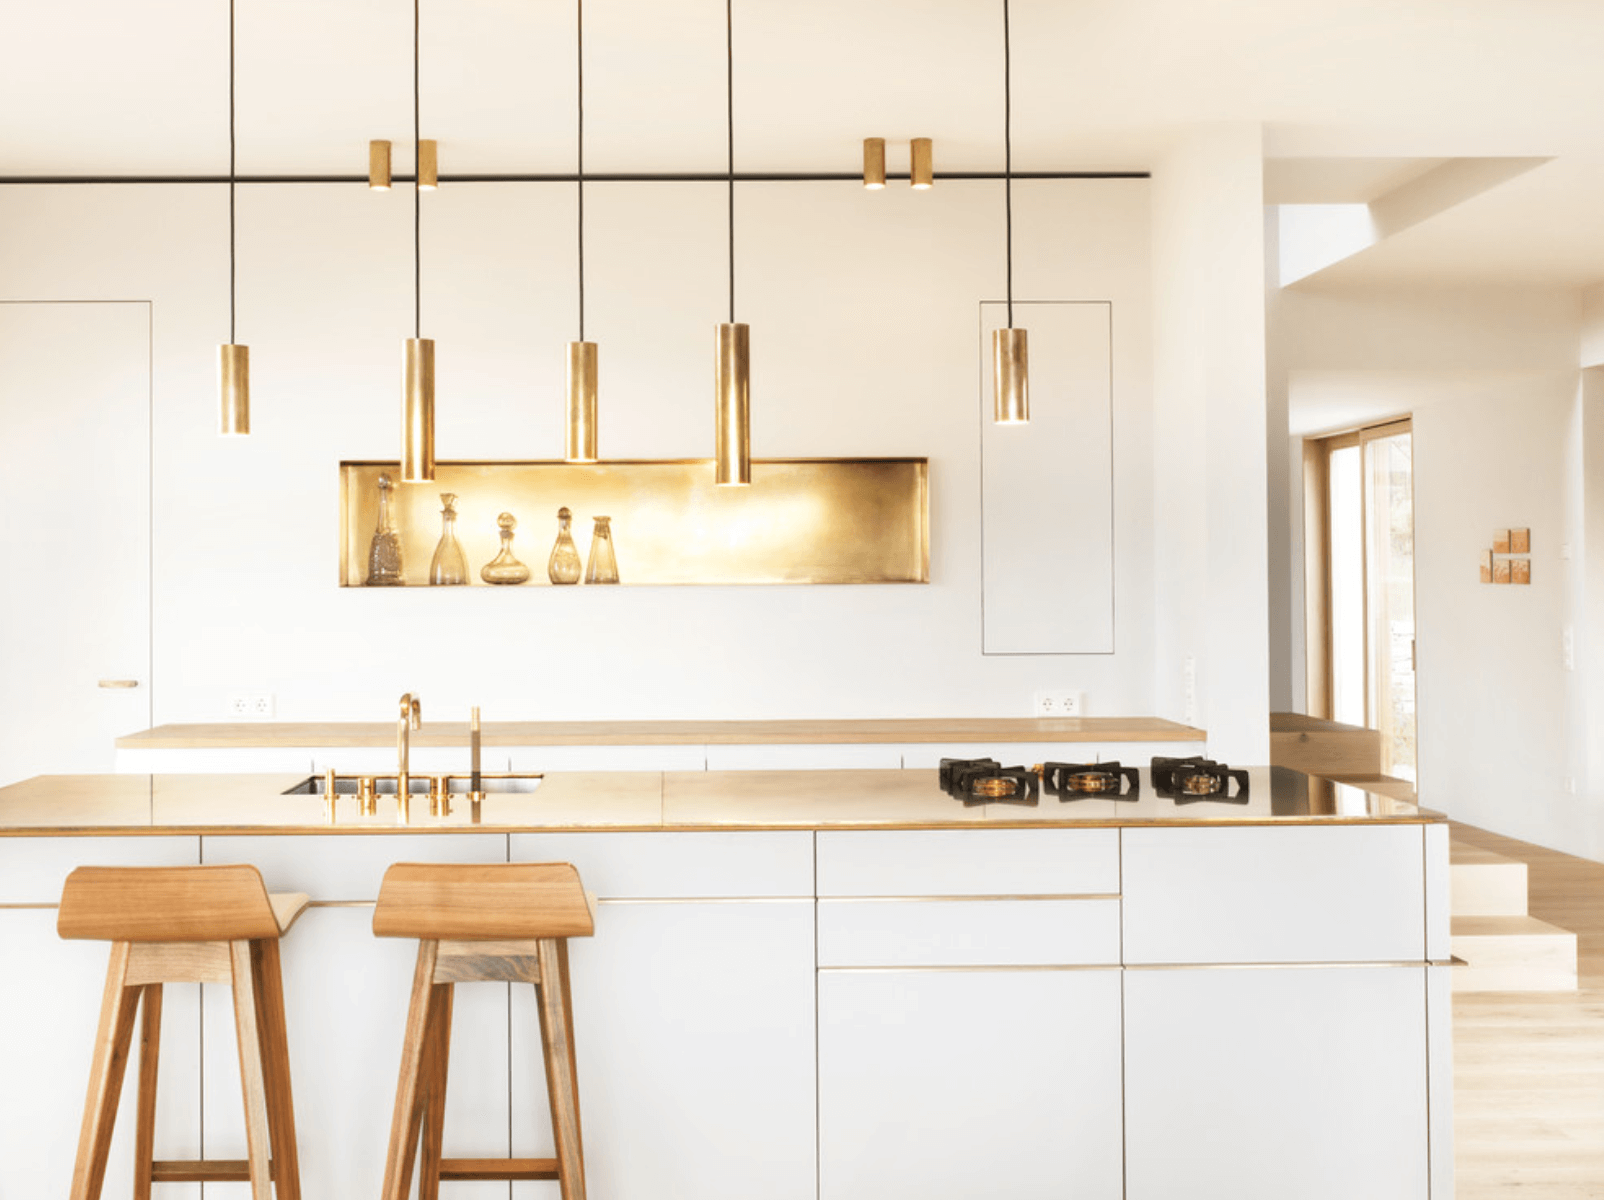 Bucatarie moderna alba cu accente aurii